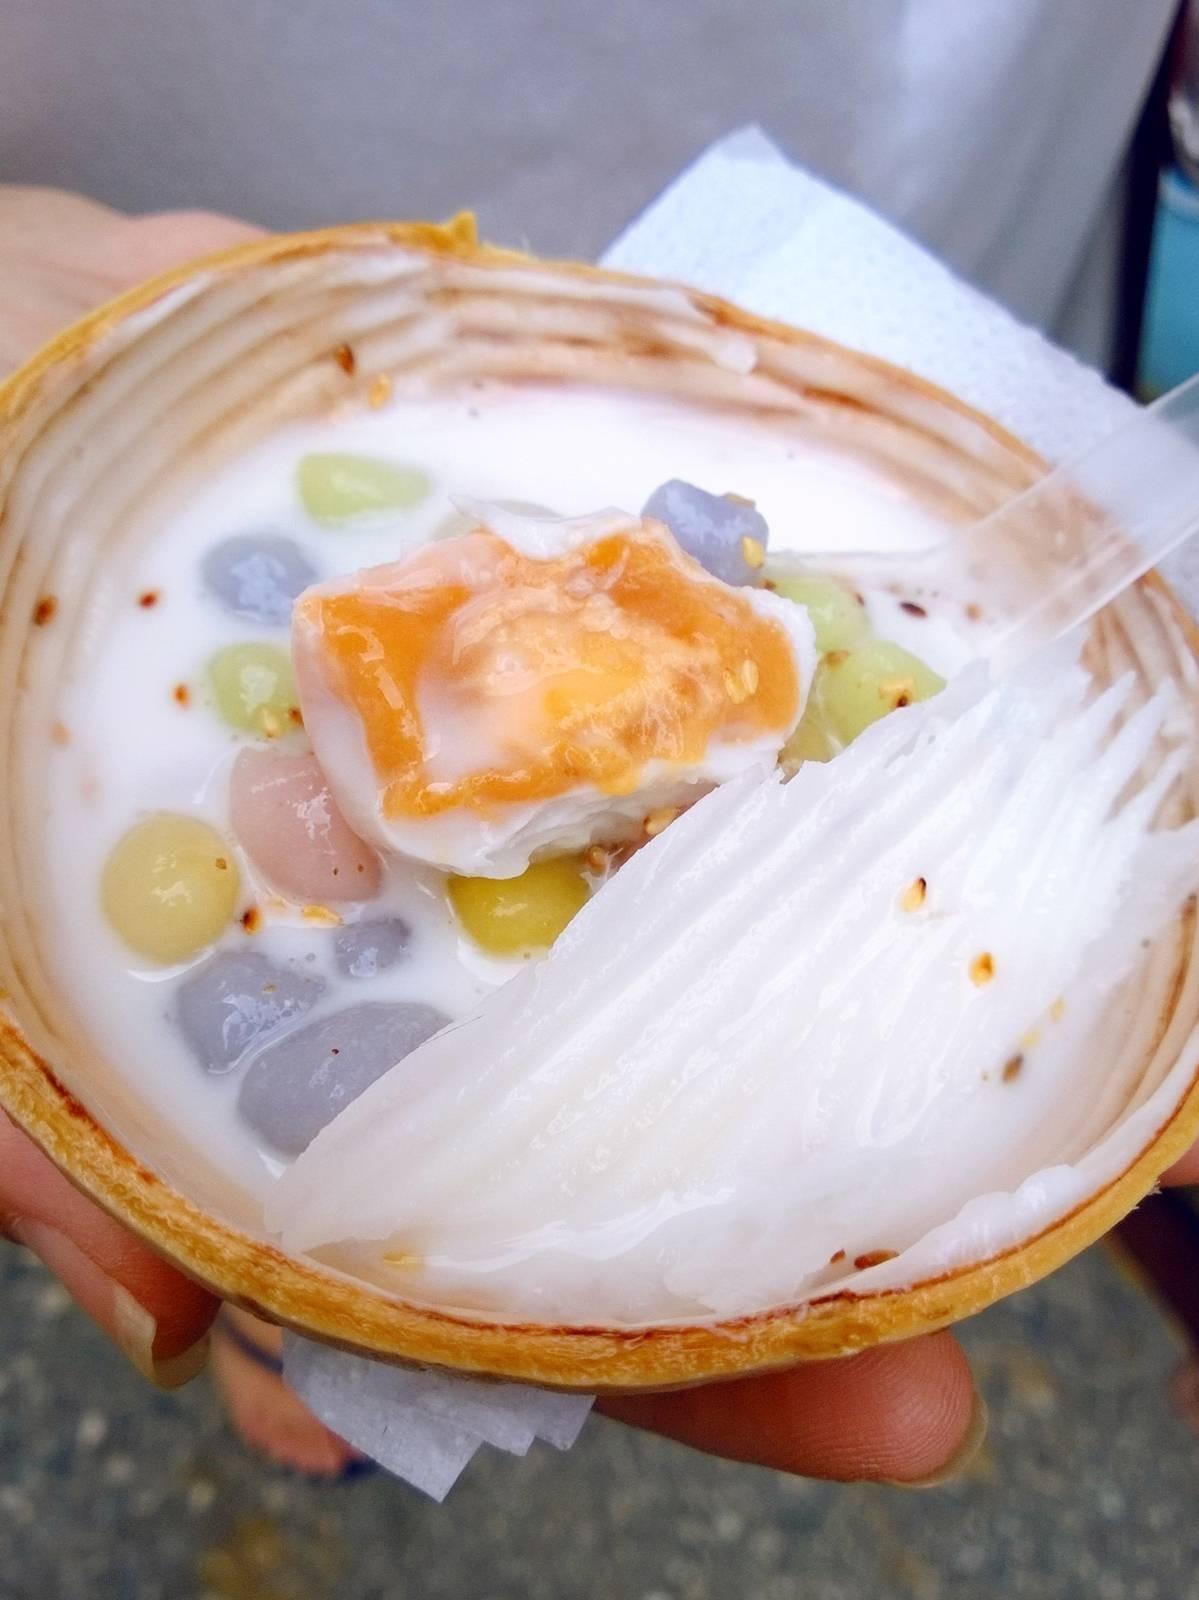 ร้าน ป้าอ้วนบัวลอยมือถือ - รีวิวร้านอาหาร - Wongnai